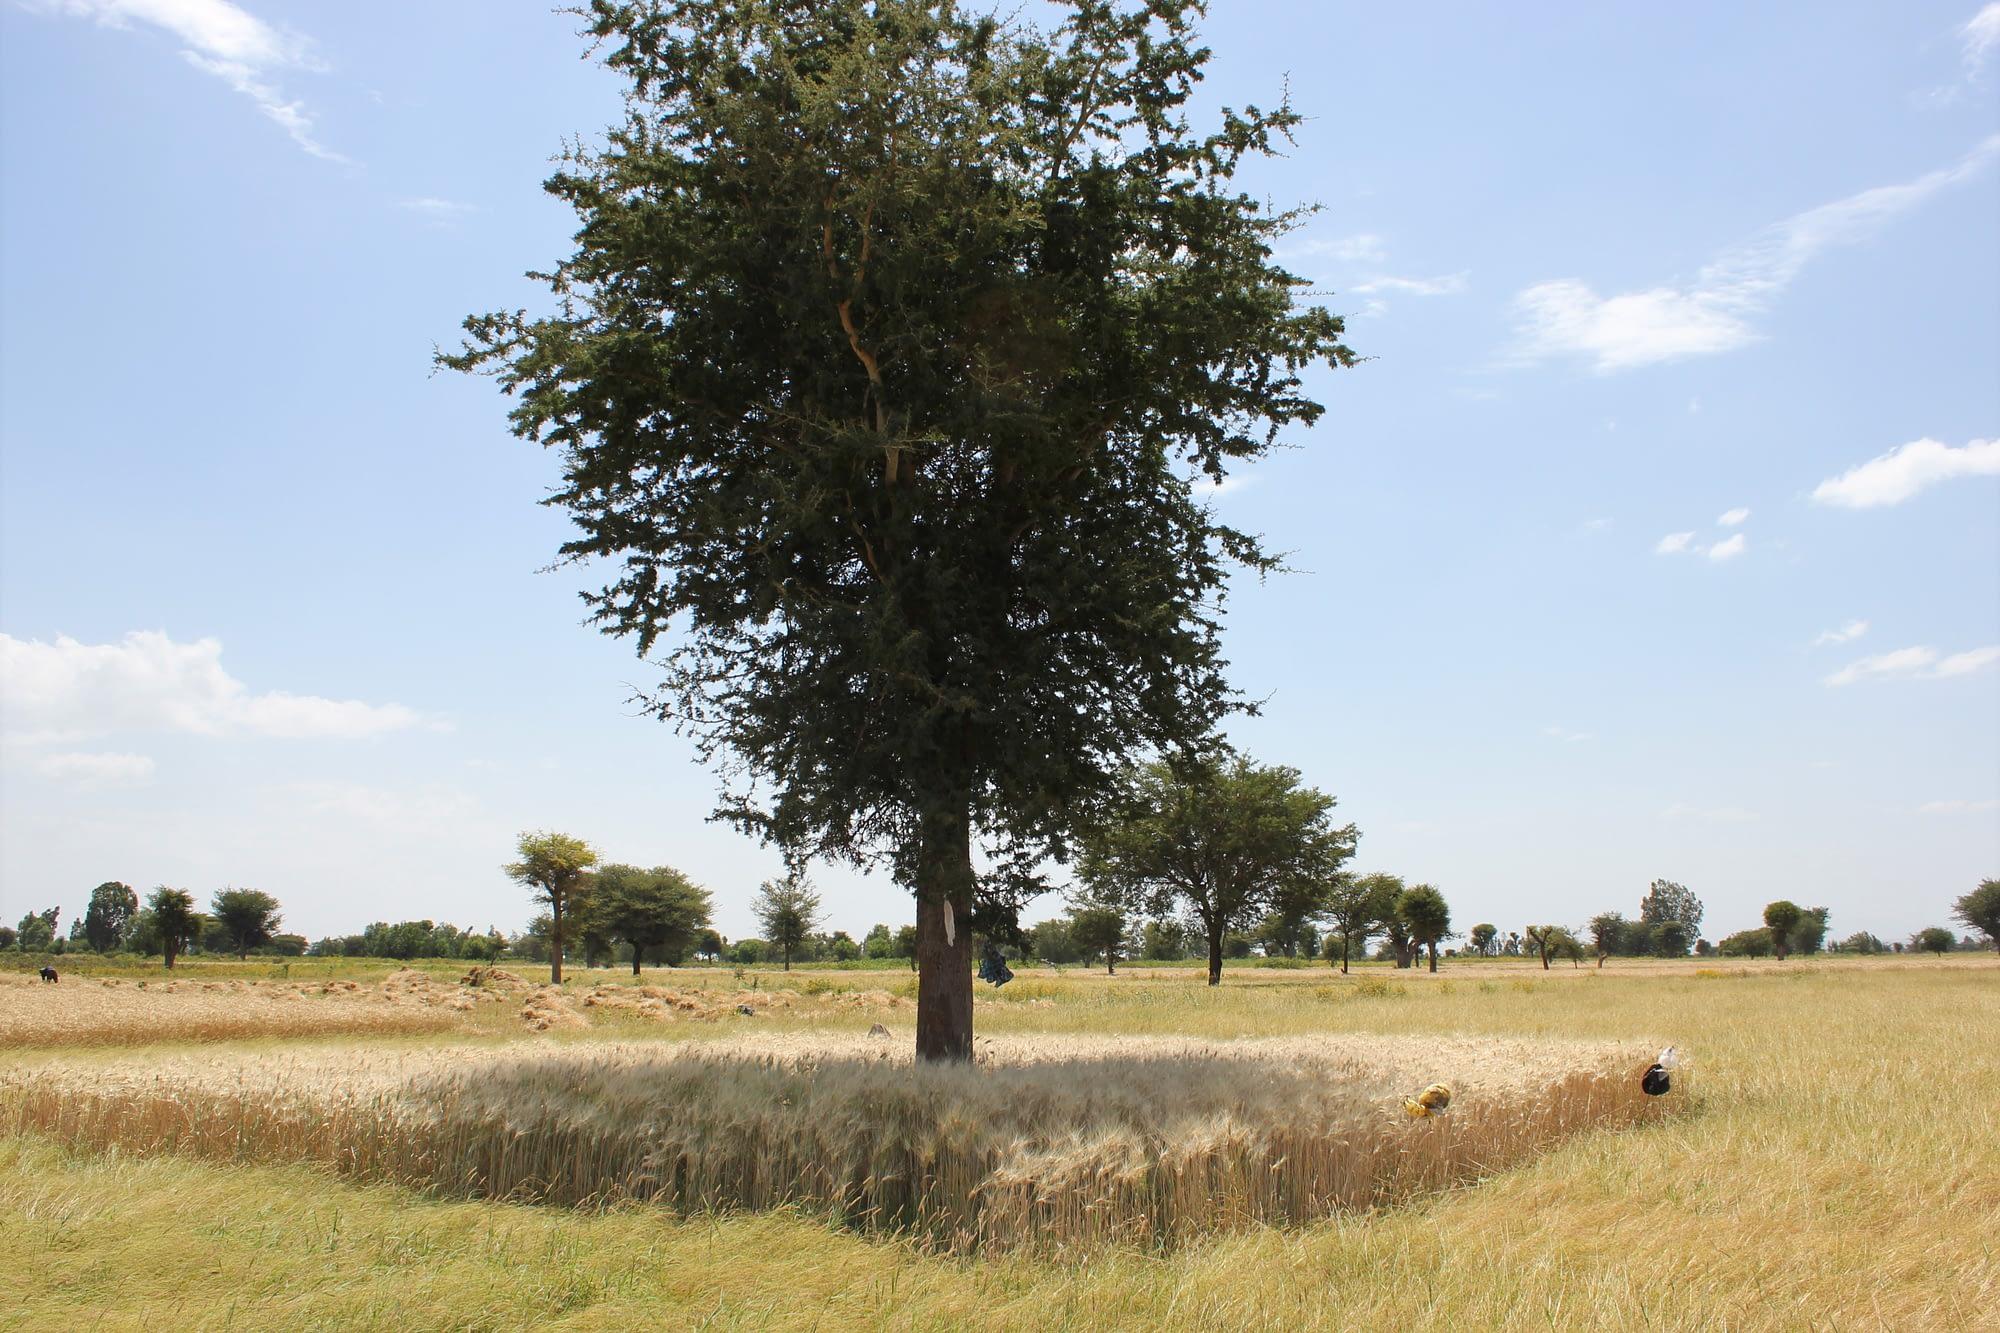 A tree-crop system in Ethiopia. (Photo: Tesfaye Shiferaw /CIMMYT)